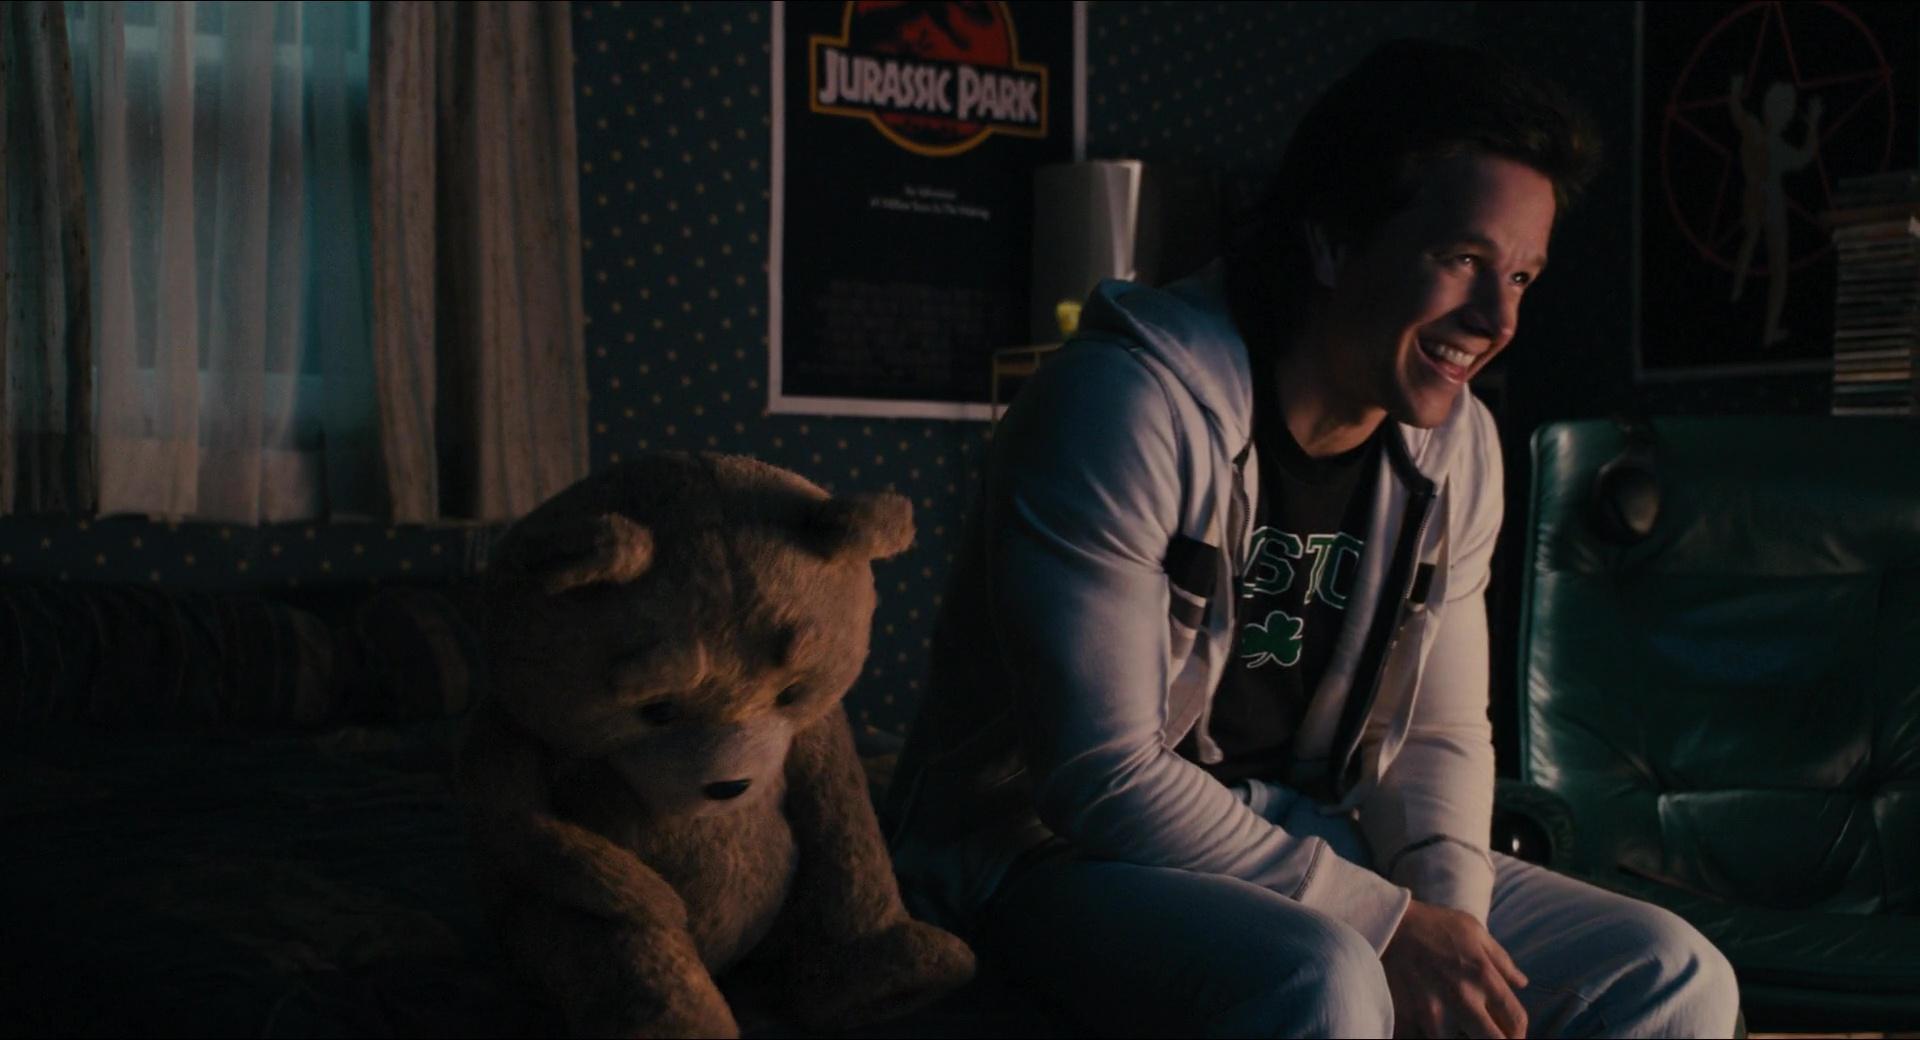 Ted film still 4